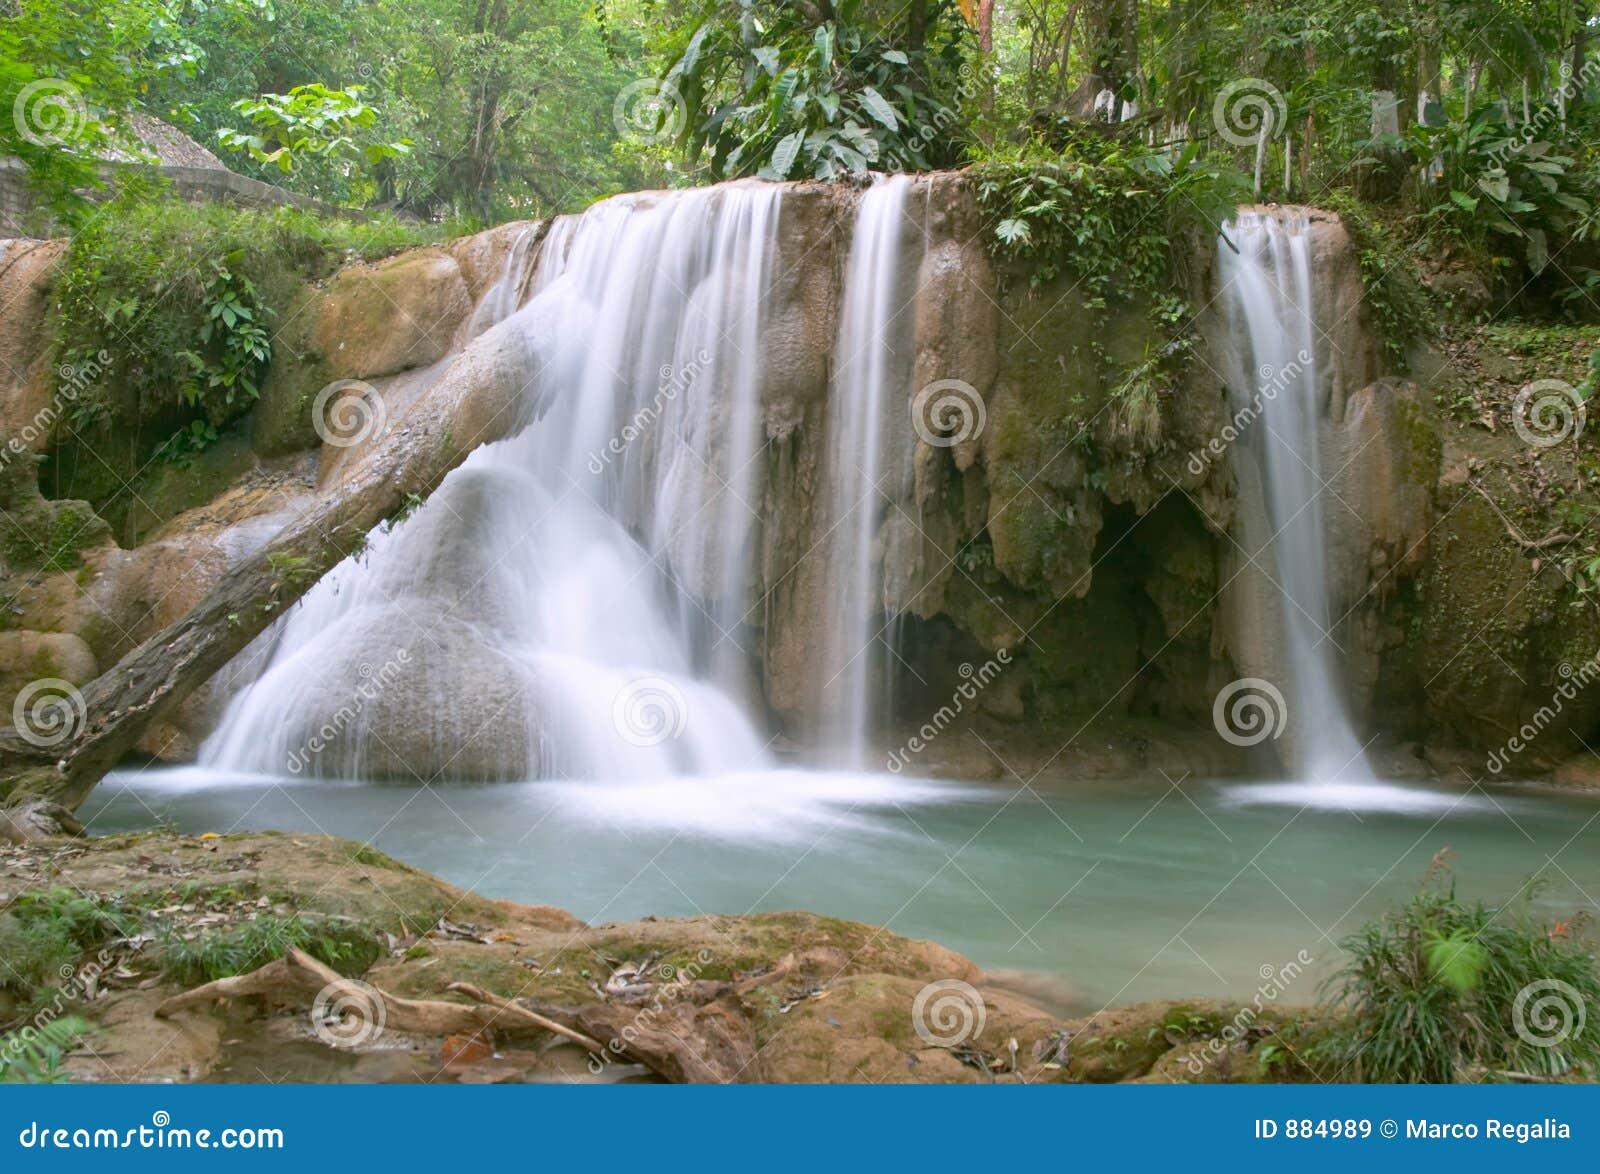 Cascadas de agua azul waterfall stock image image 884989 for Motor para cascada de agua